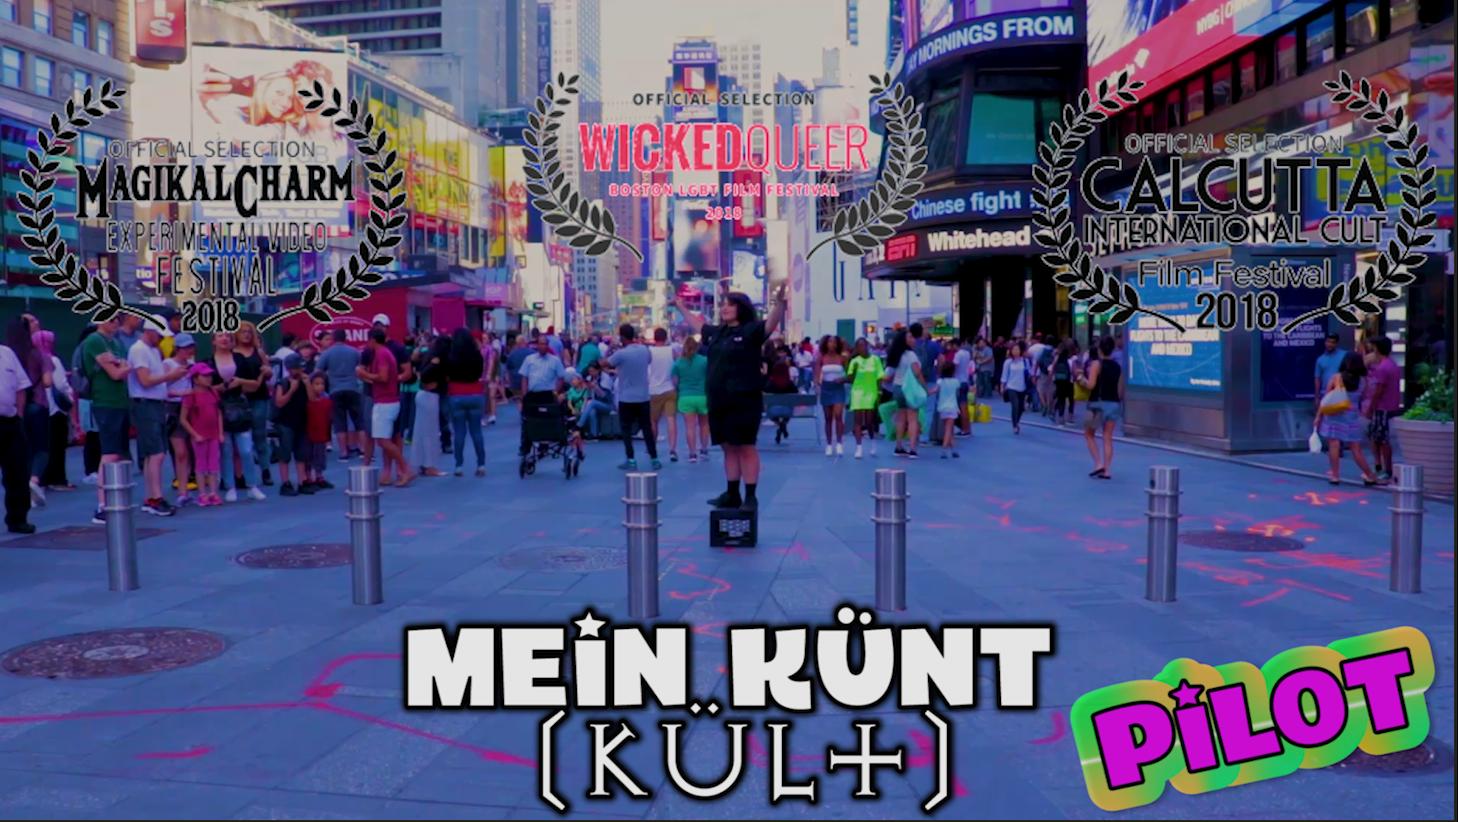 PUBLIC RELEASE OF: Mein Künt (kült) PILOT - JENistheMENACE.com/pilot